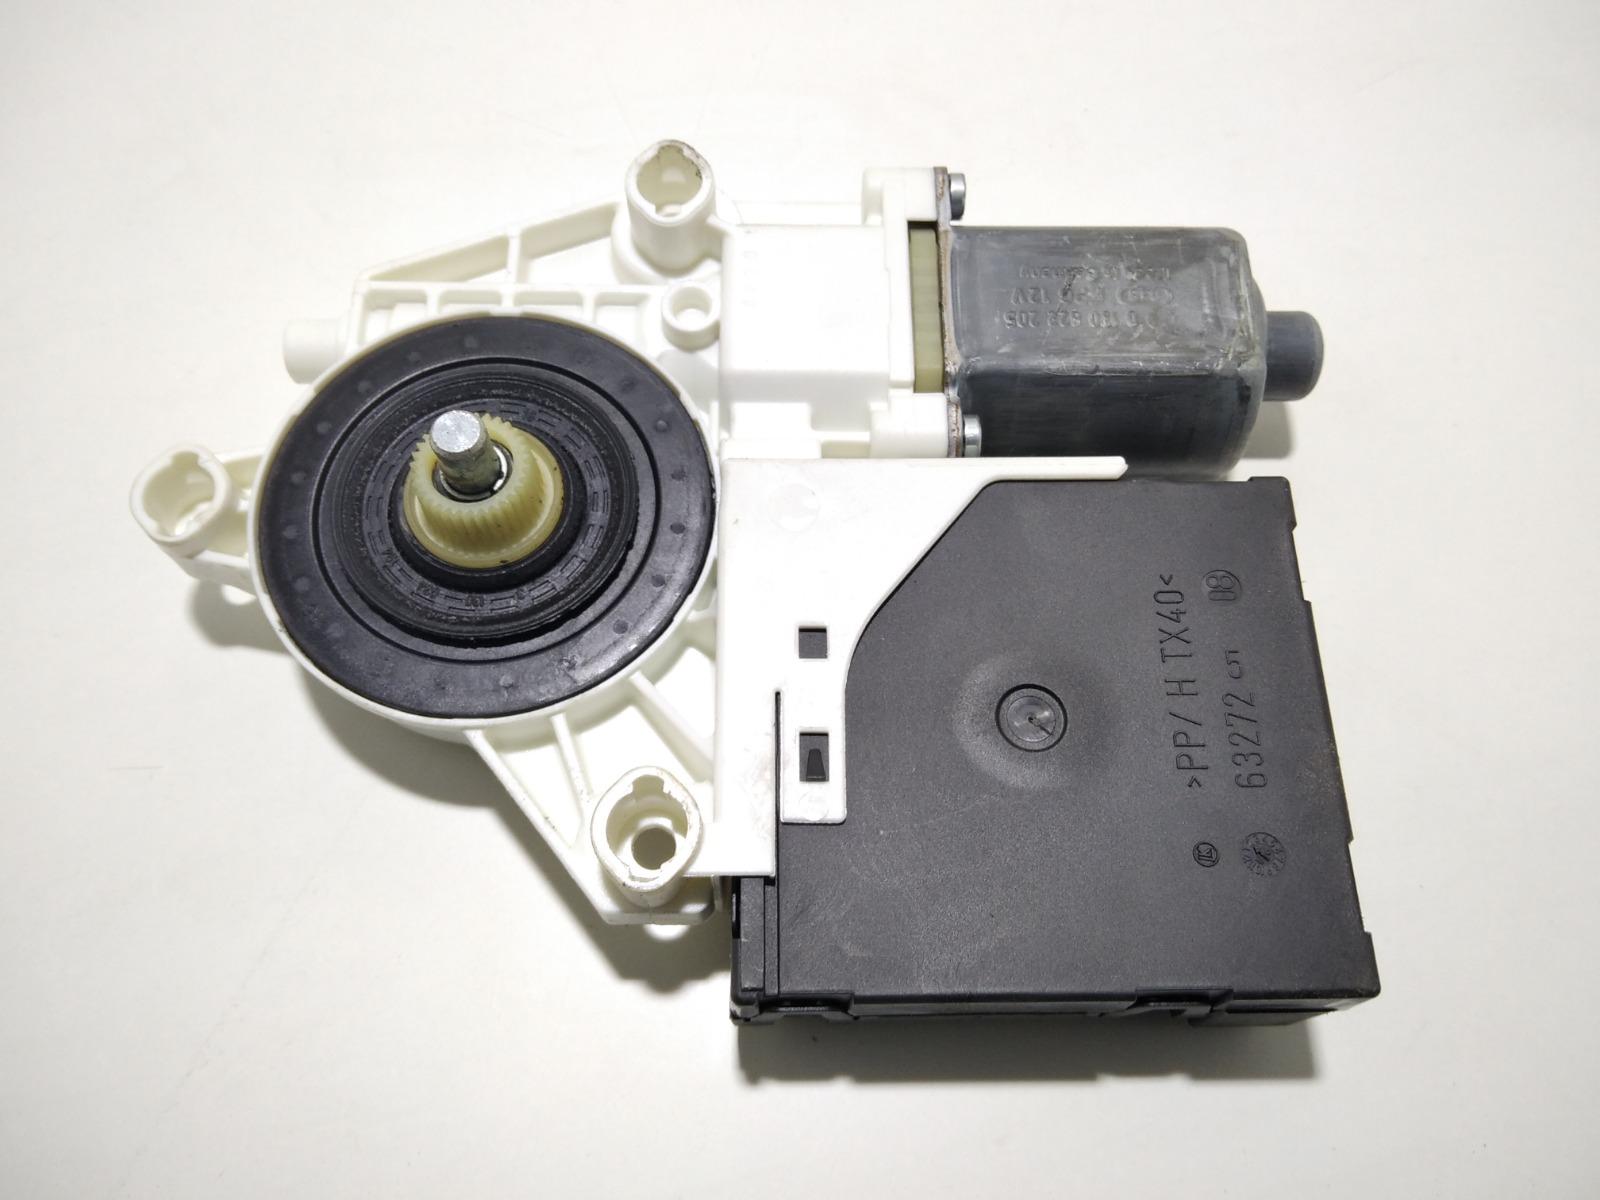 Моторчик стеклоподъемника передний правый Audi A3 8P 1.6 I 2006 (б/у)